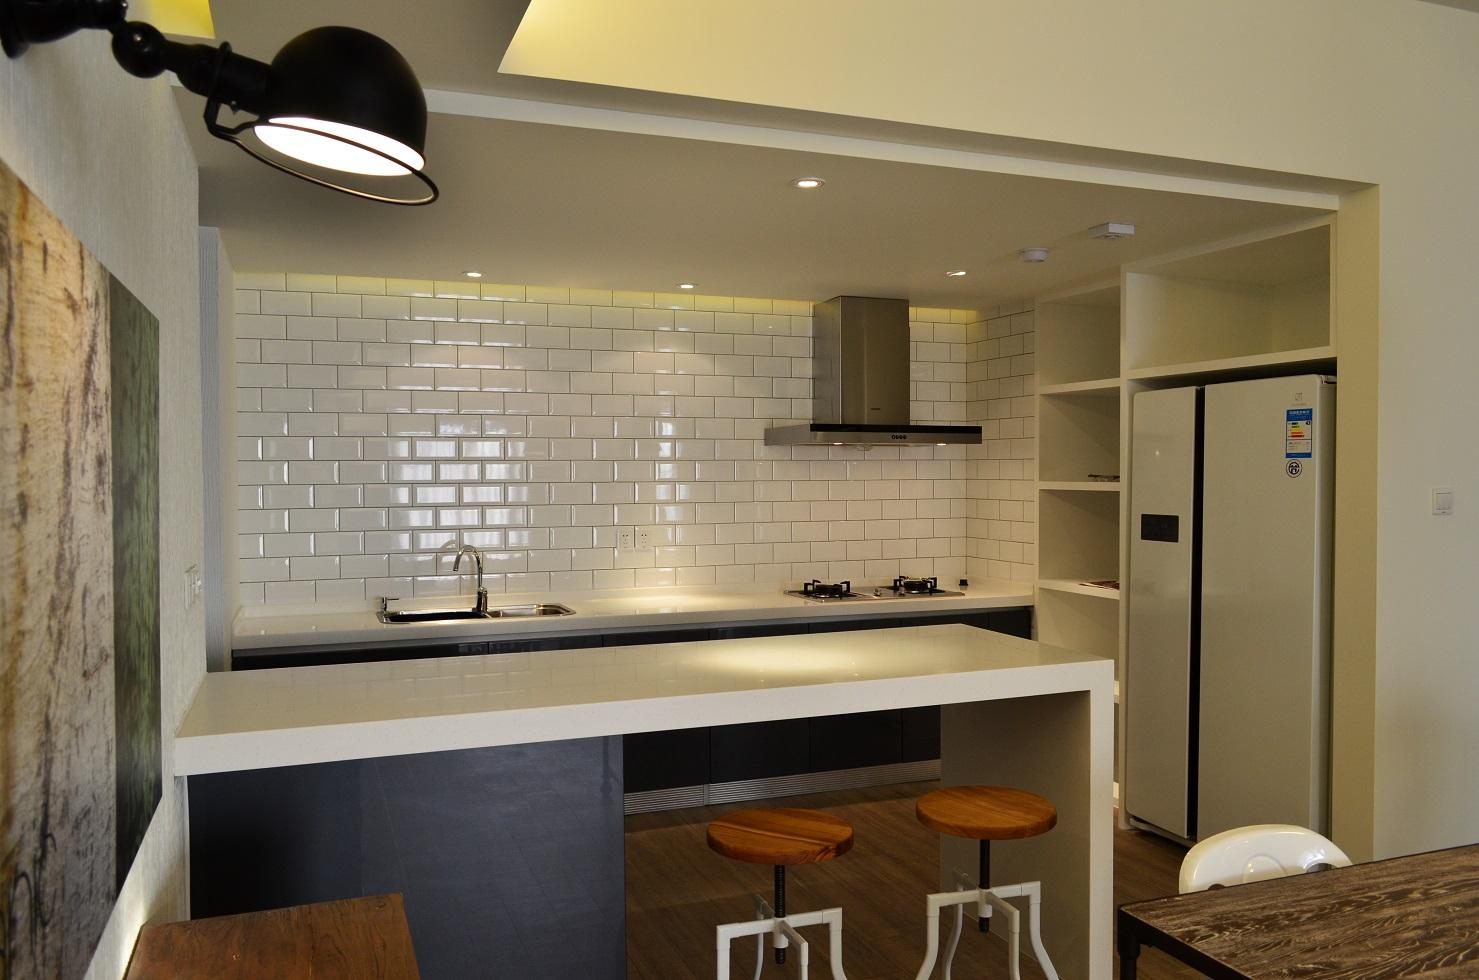 厨房简洁干净,白色的瓷砖方便更好的擦拭